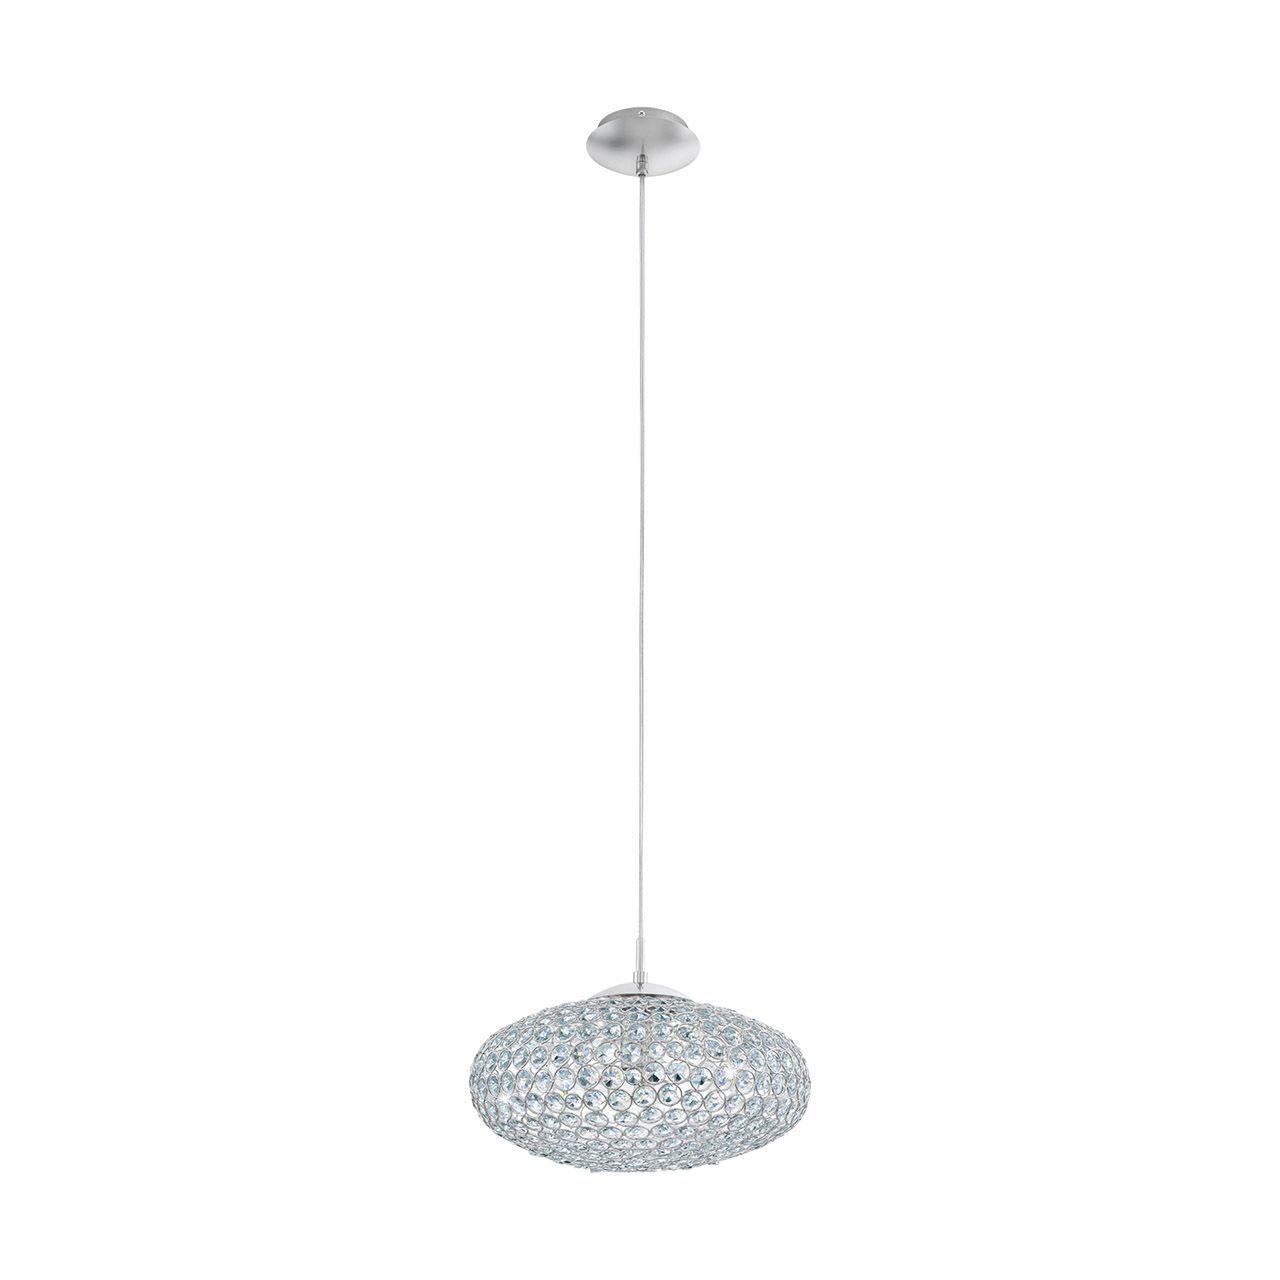 Подвесной светильник Eglo Clemente 95286 eglo подвесной светильник eglo clemente 95286